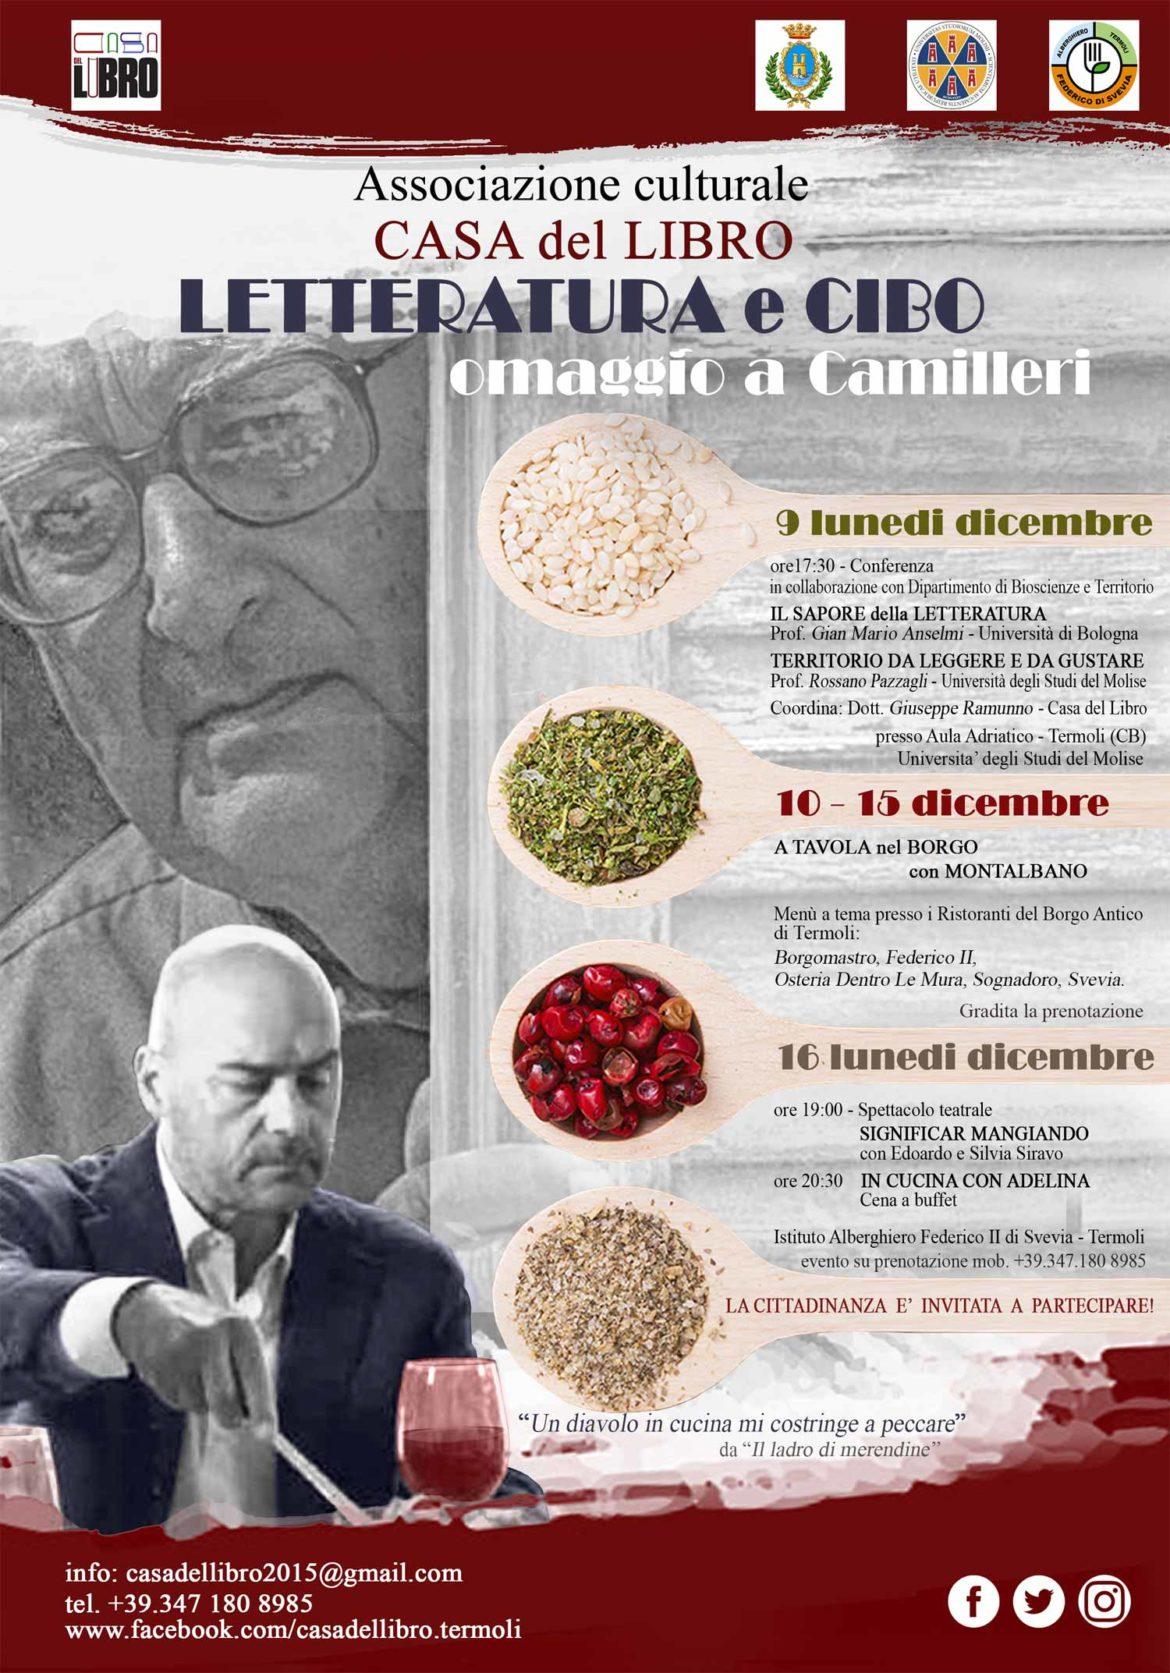 """A Termoli una settimana di """"Letteratura e Cibo"""": omaggio a Camilleri dal 9 al 16 dicembre 2019"""